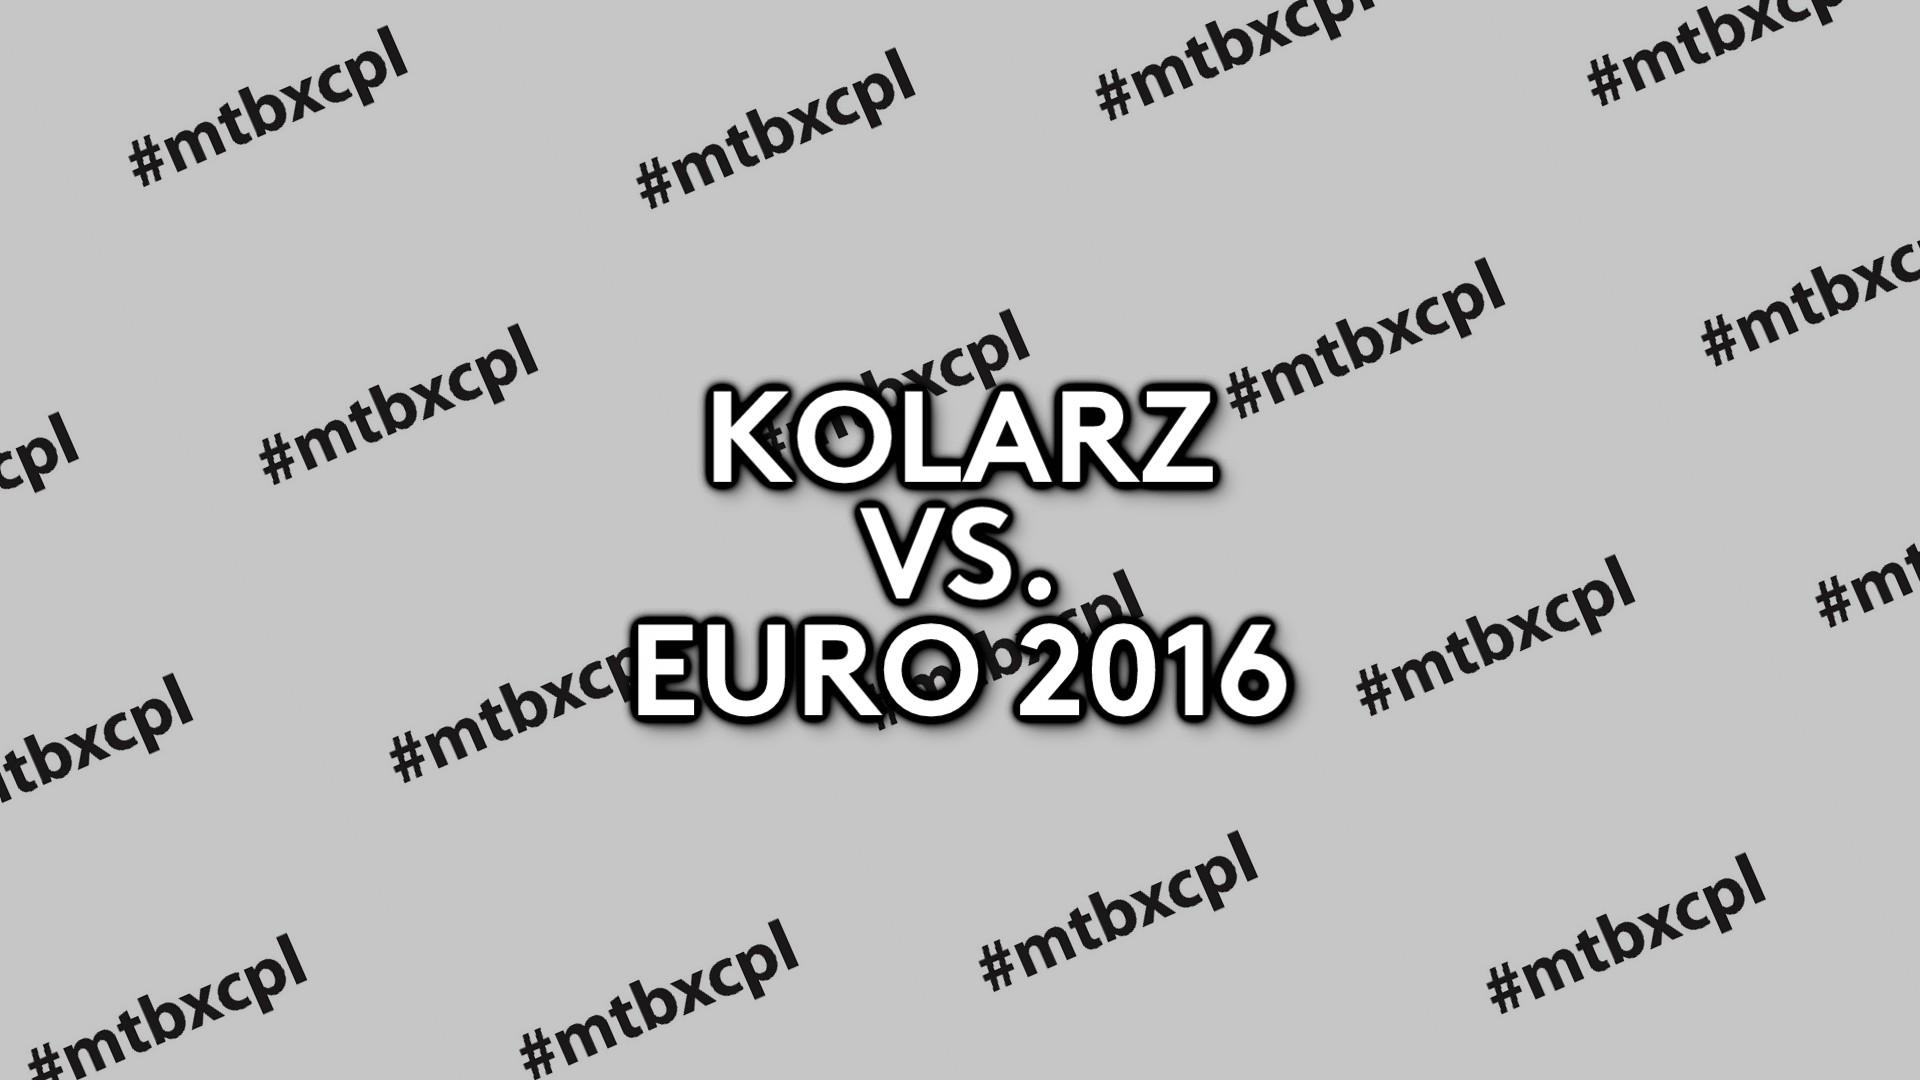 KOLARZ vs. EURO 2016